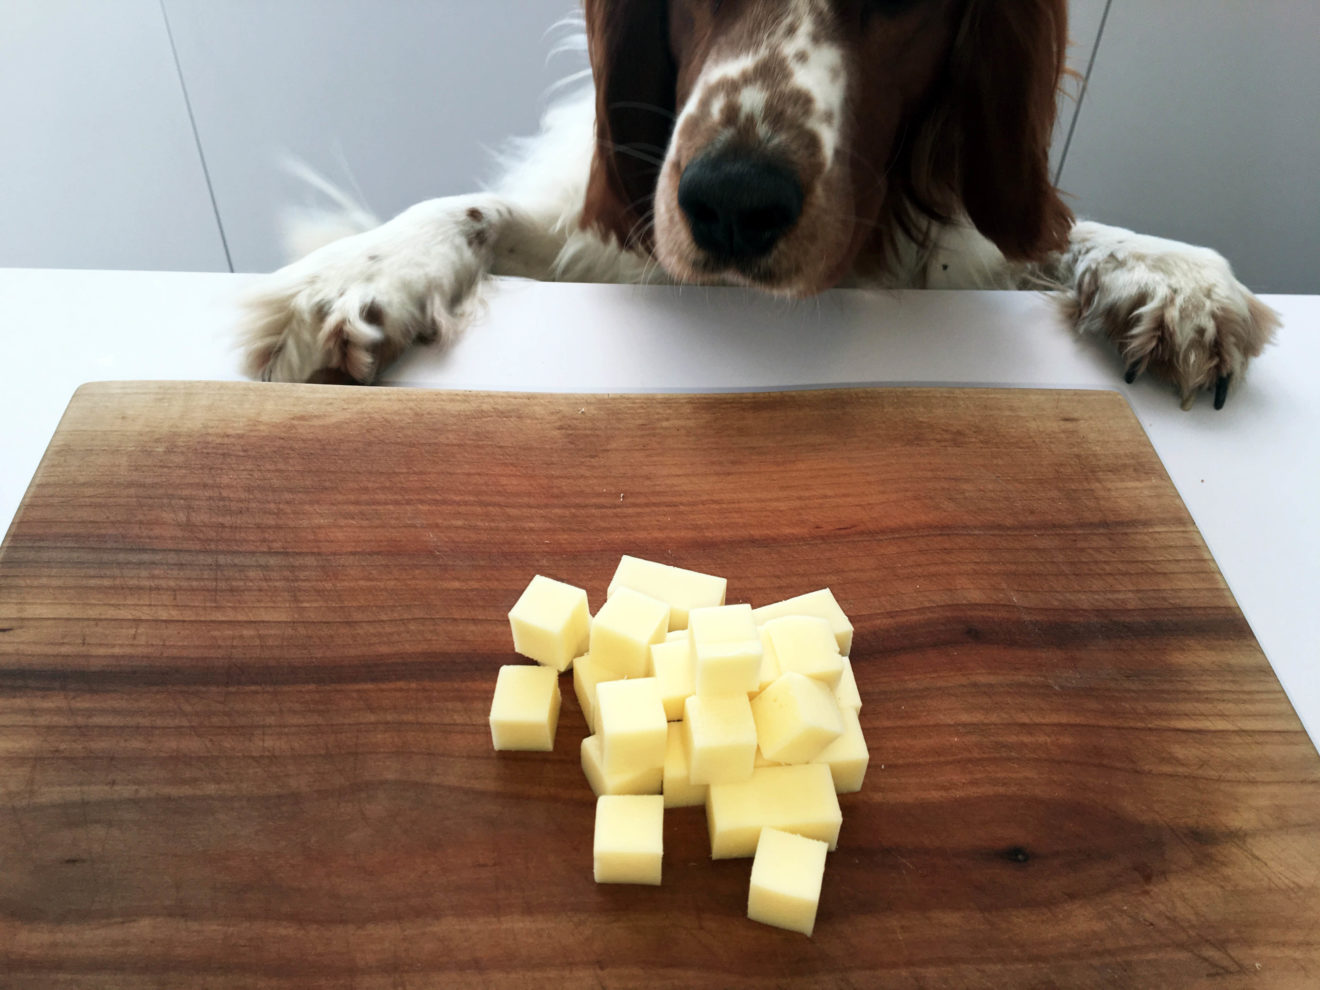 Hund steht vor Schneidebrett mit Käsewürfeln